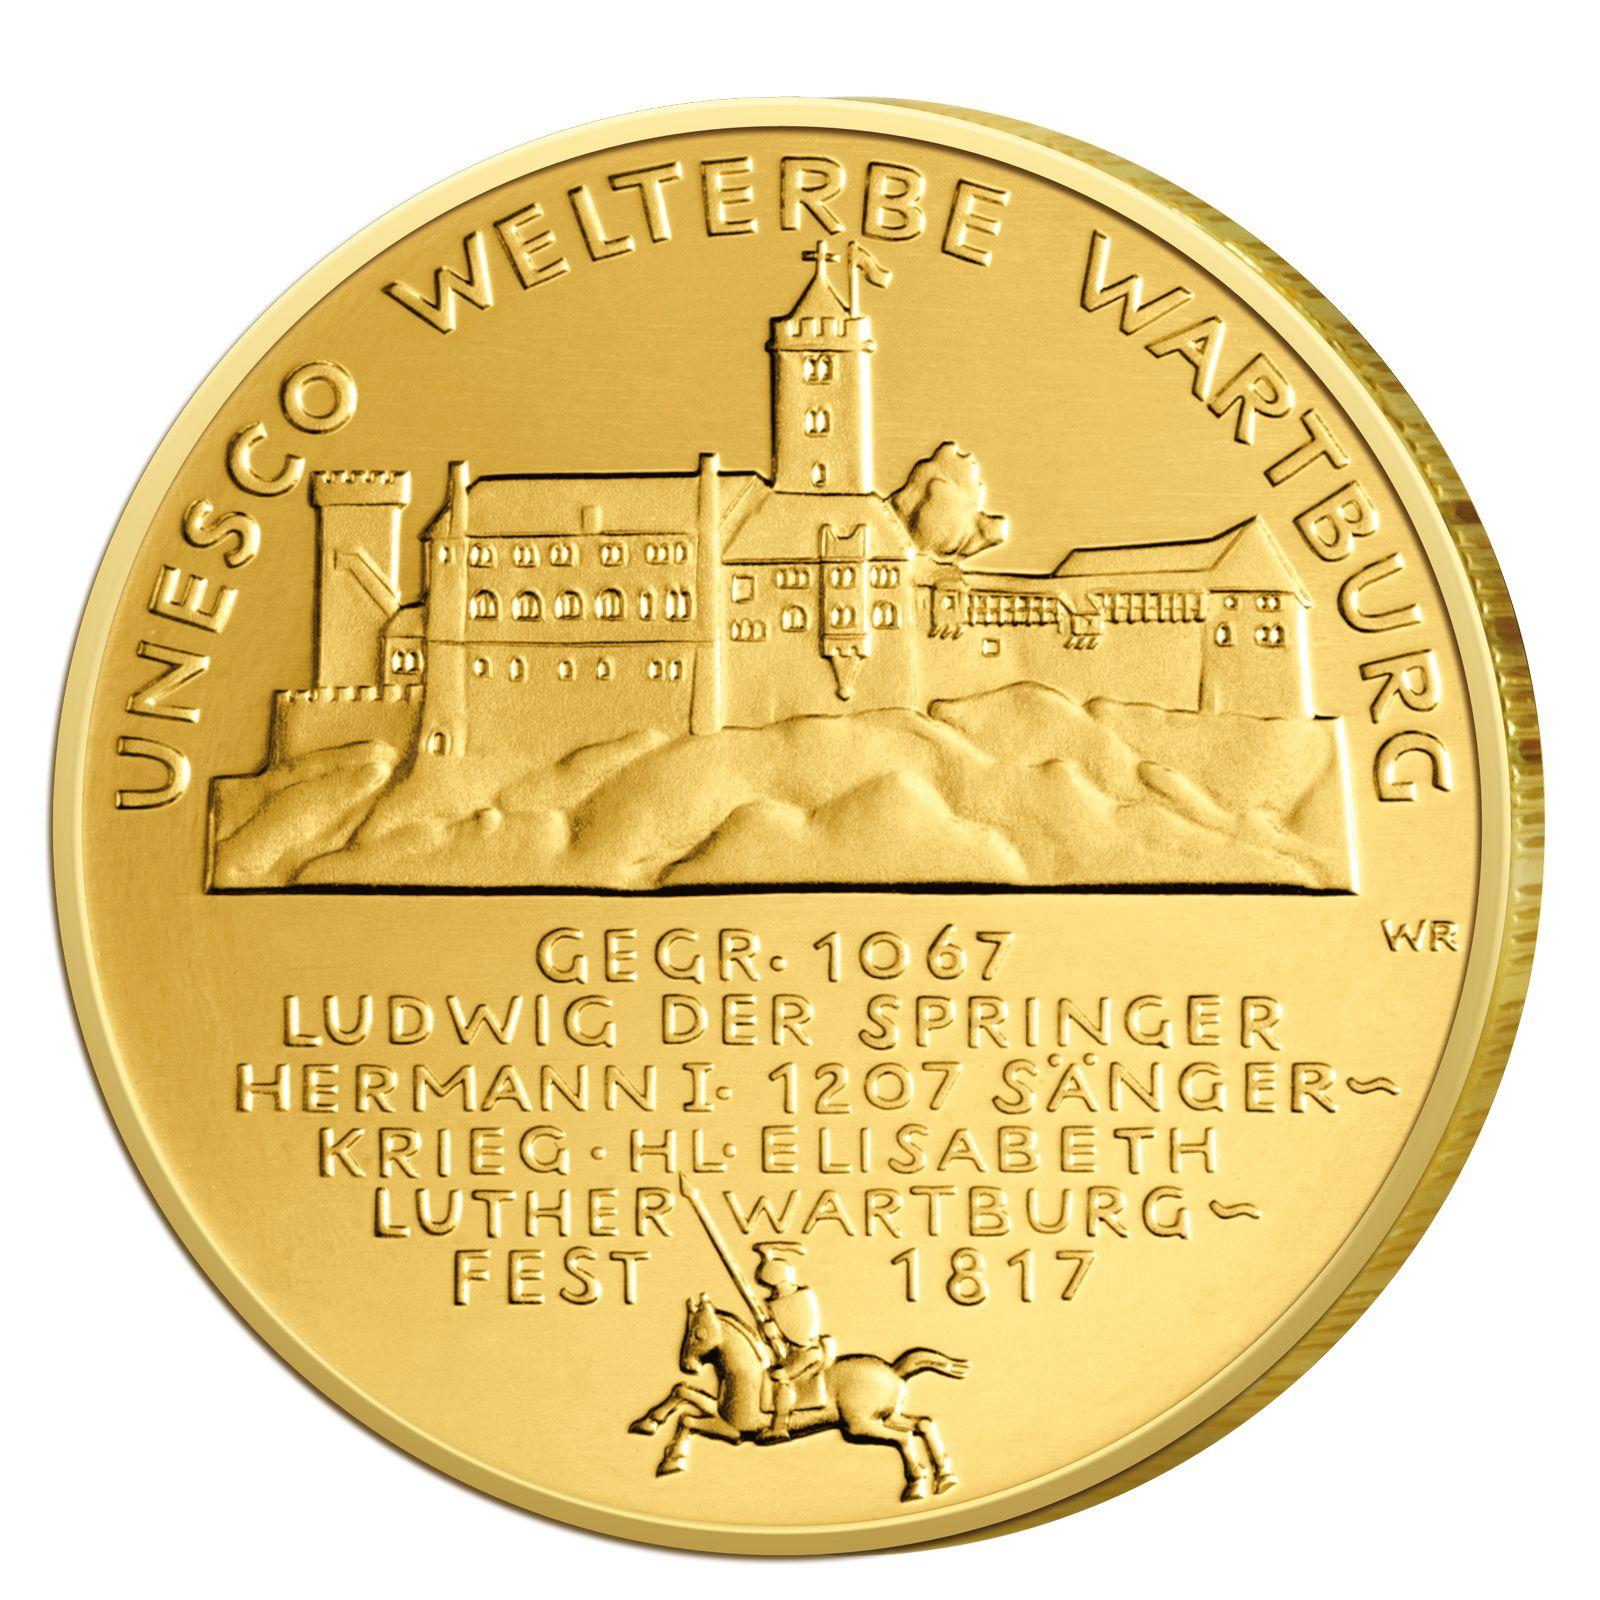 Deutschlands Euro Gold Brd 100 Euro Goldmunzen 2002 Bis Heute Im Uberblick Themen Und Motive Primus Munzen Blog Euro 100 Euro Deutschland